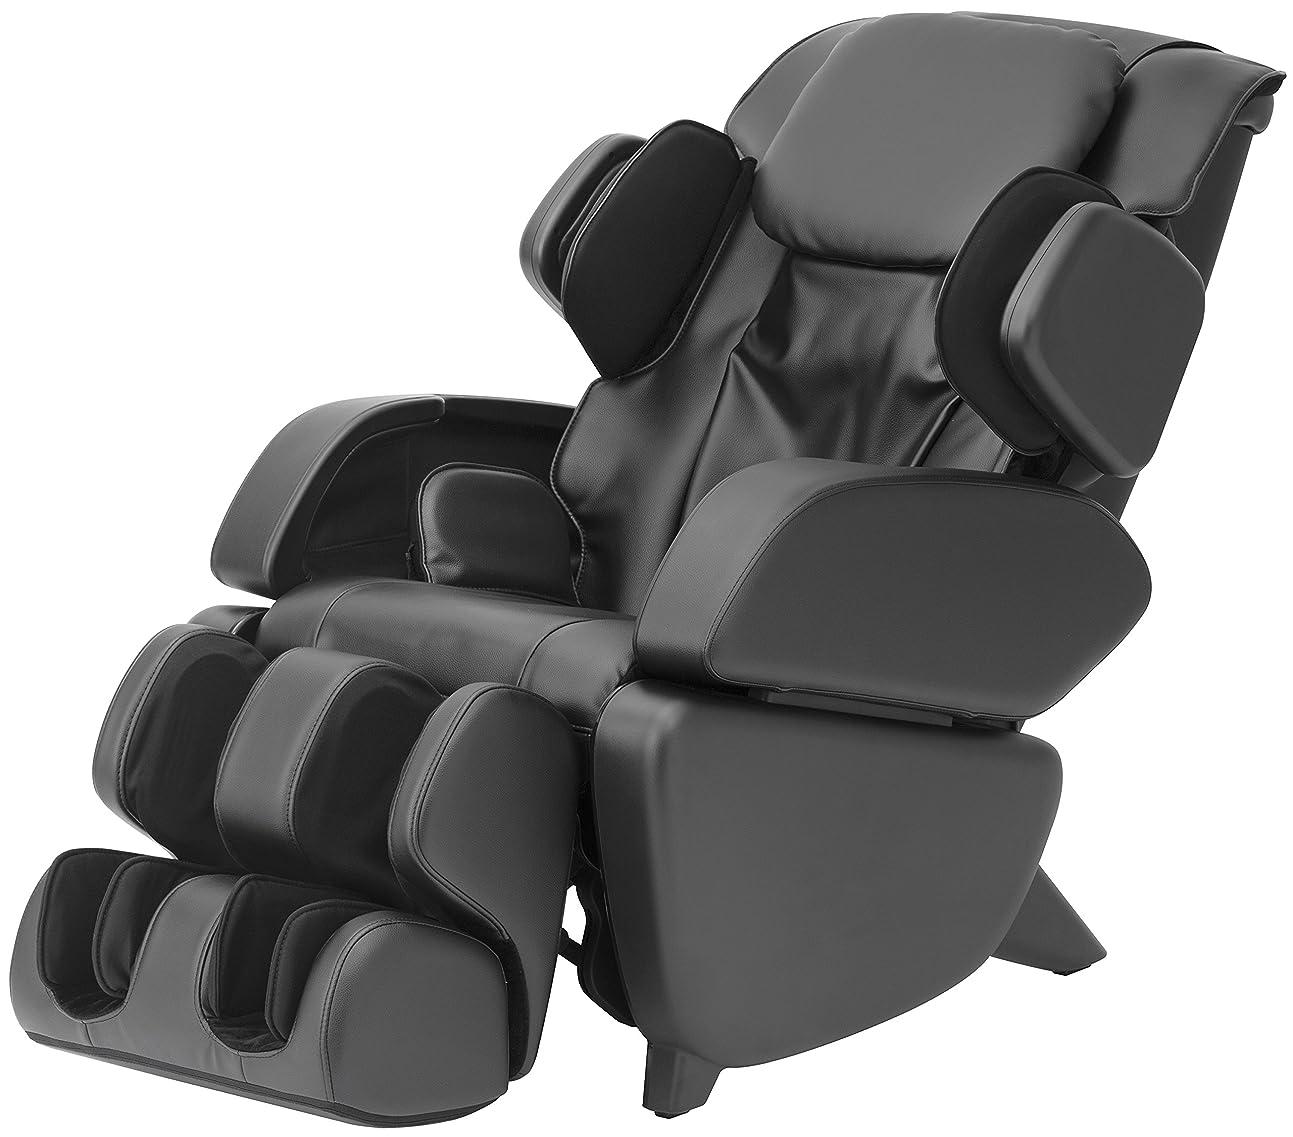 ぜいたく合法商標スライヴ マッサージチェア くつろぎ指定席 「つかみもみ?エアーマッサージ機能搭載」 通販限定モデル ブラック CHD-9004-S(K)